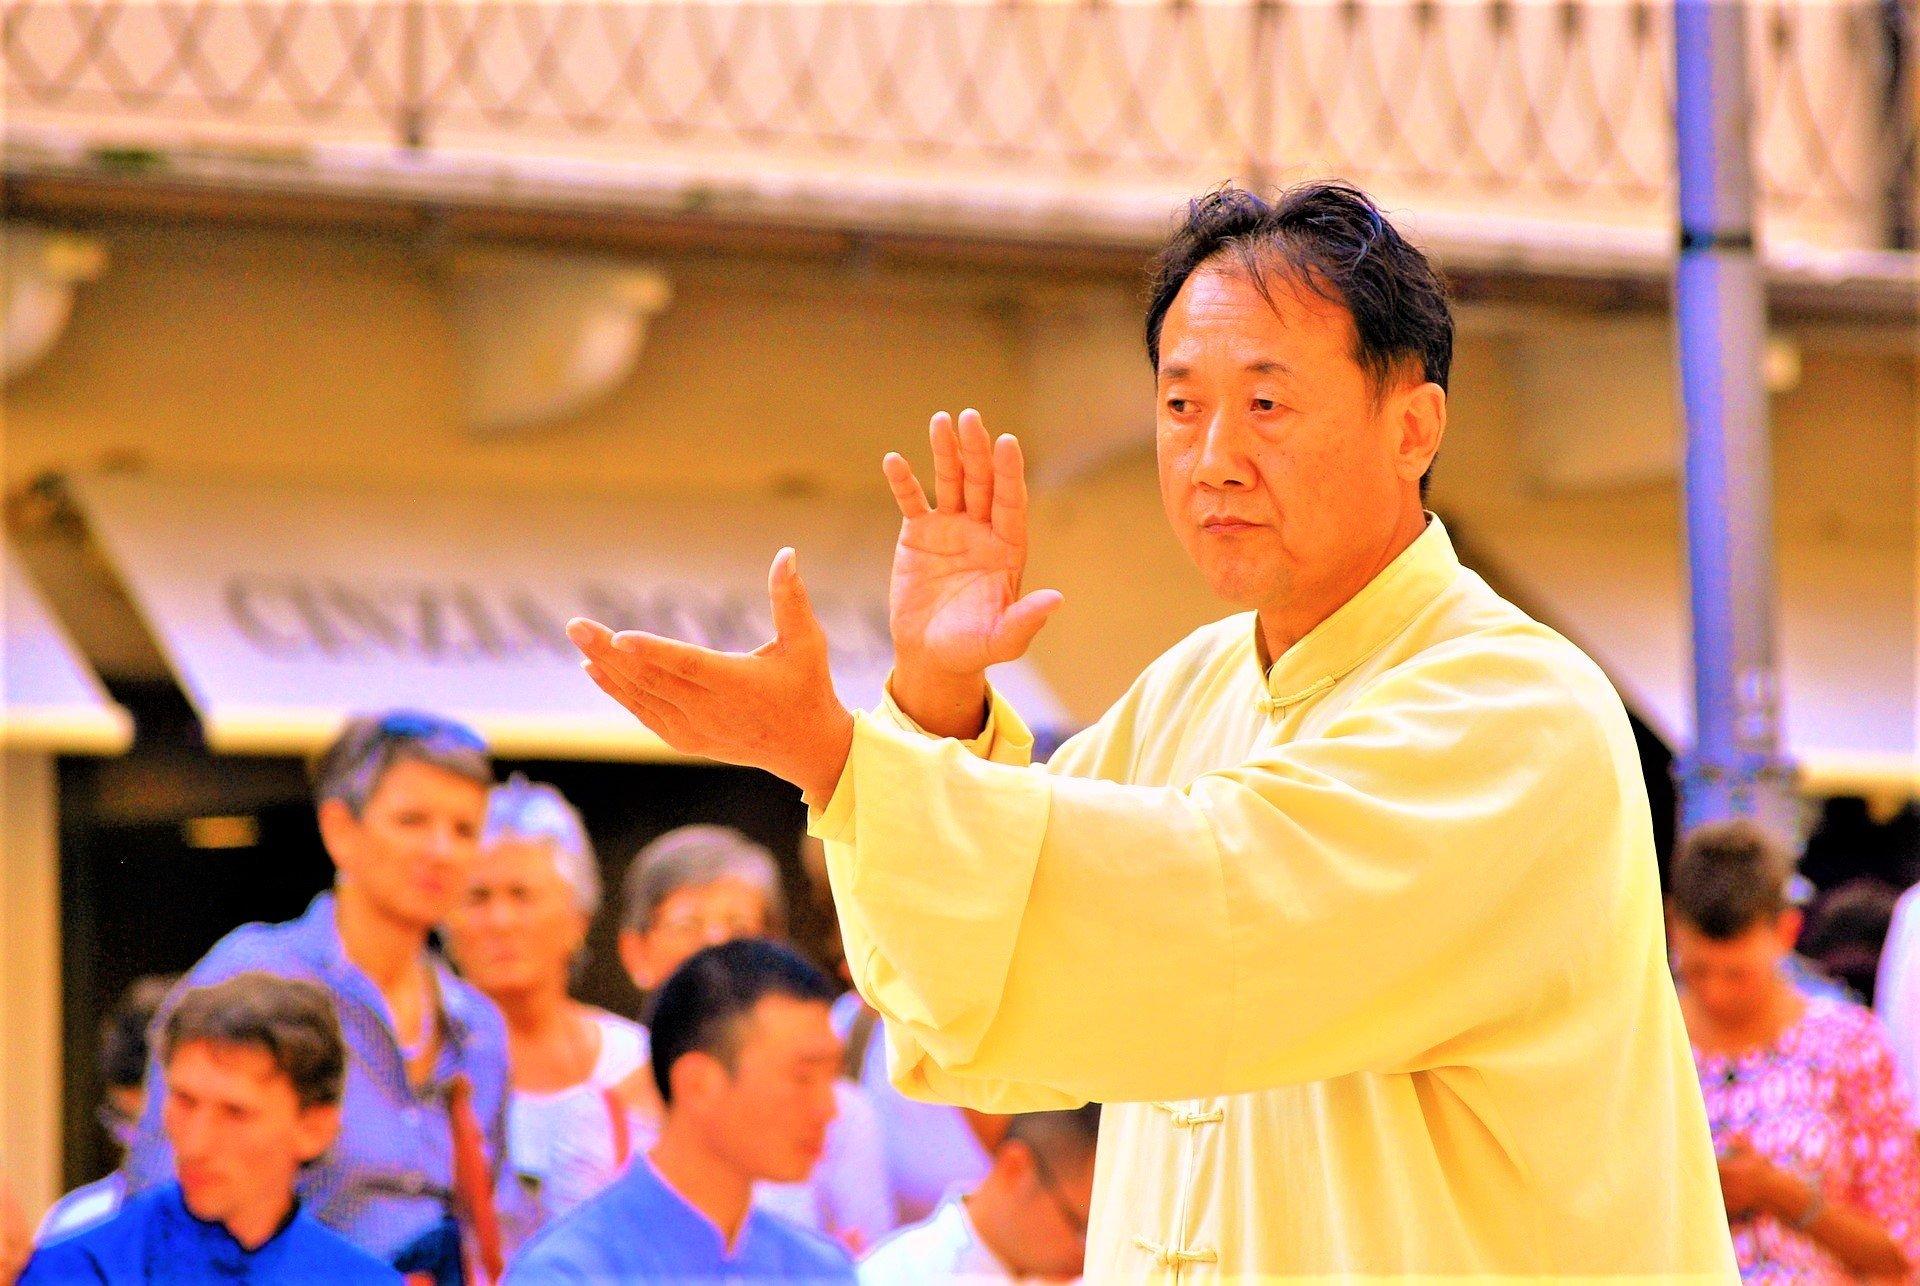 Guo Lin camminata salute Qi Gong